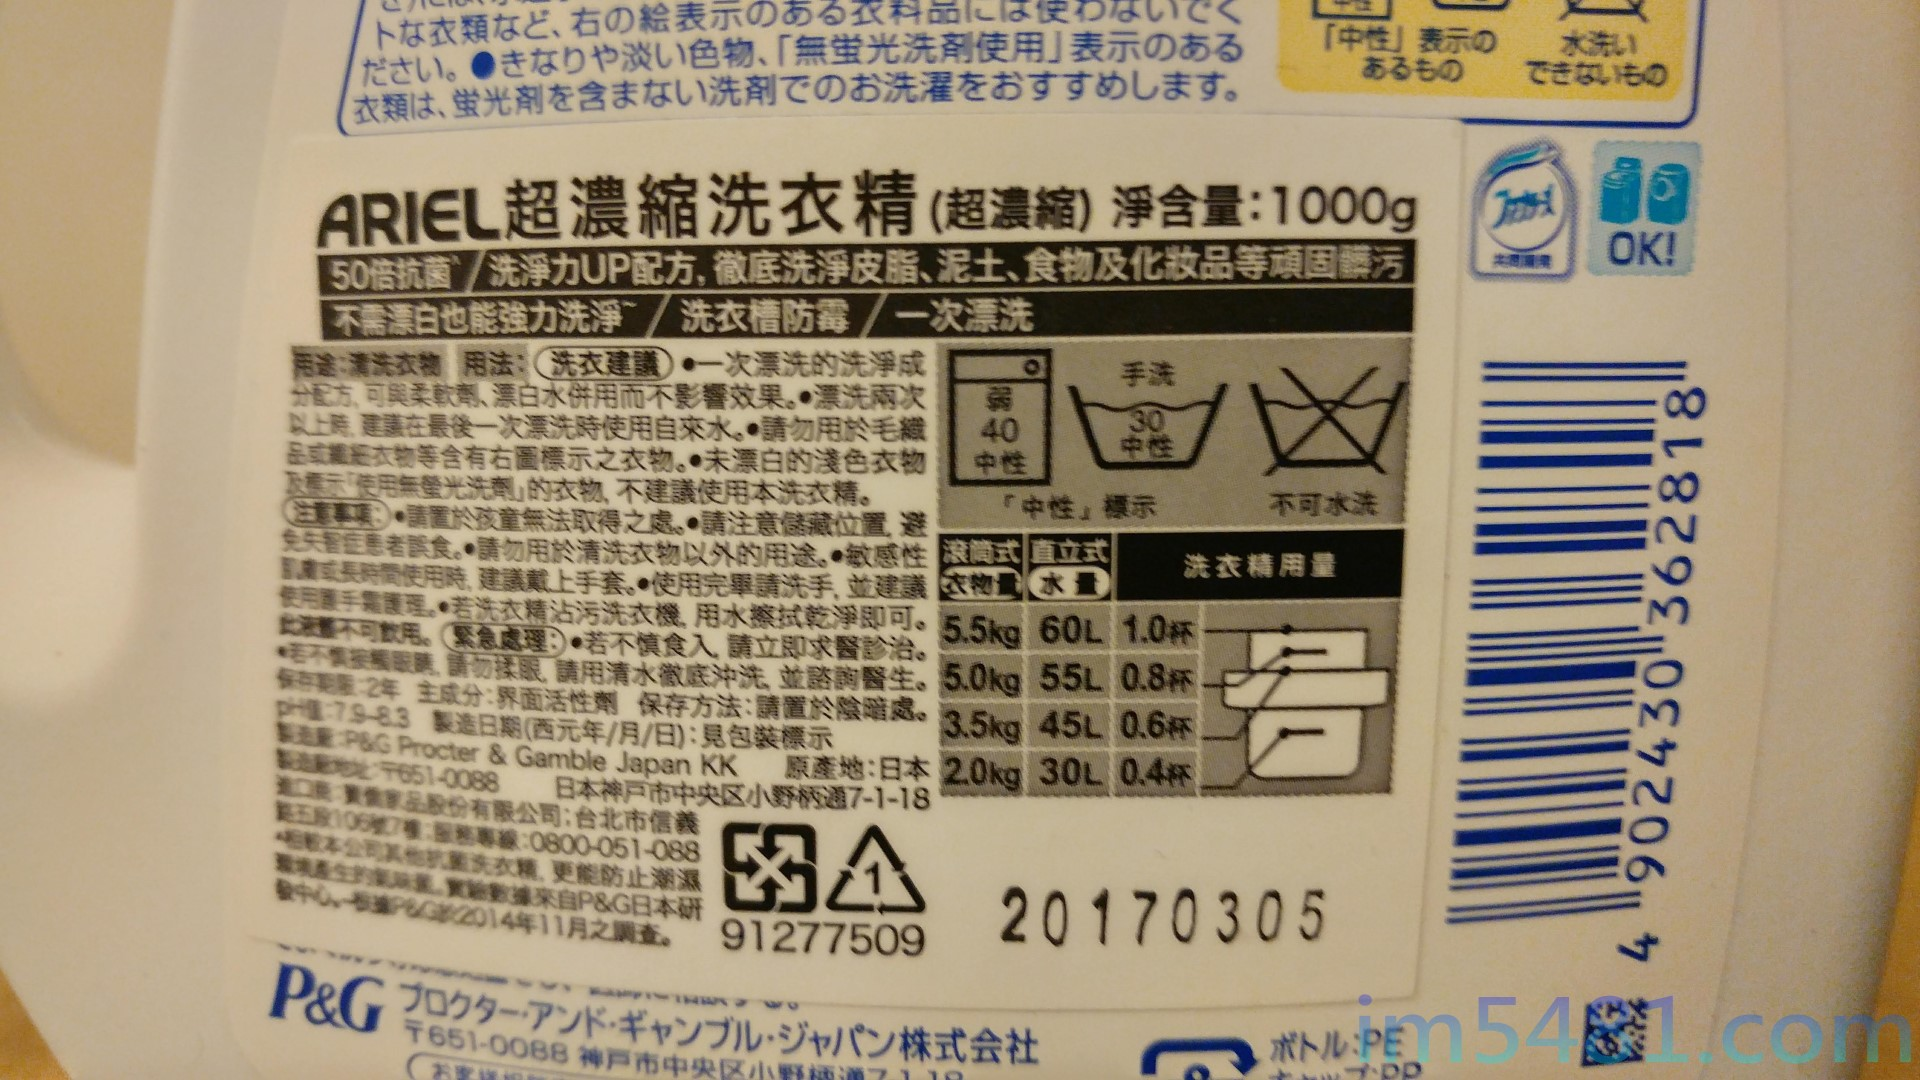 Ariel超濃縮洗衣精中文說明-01